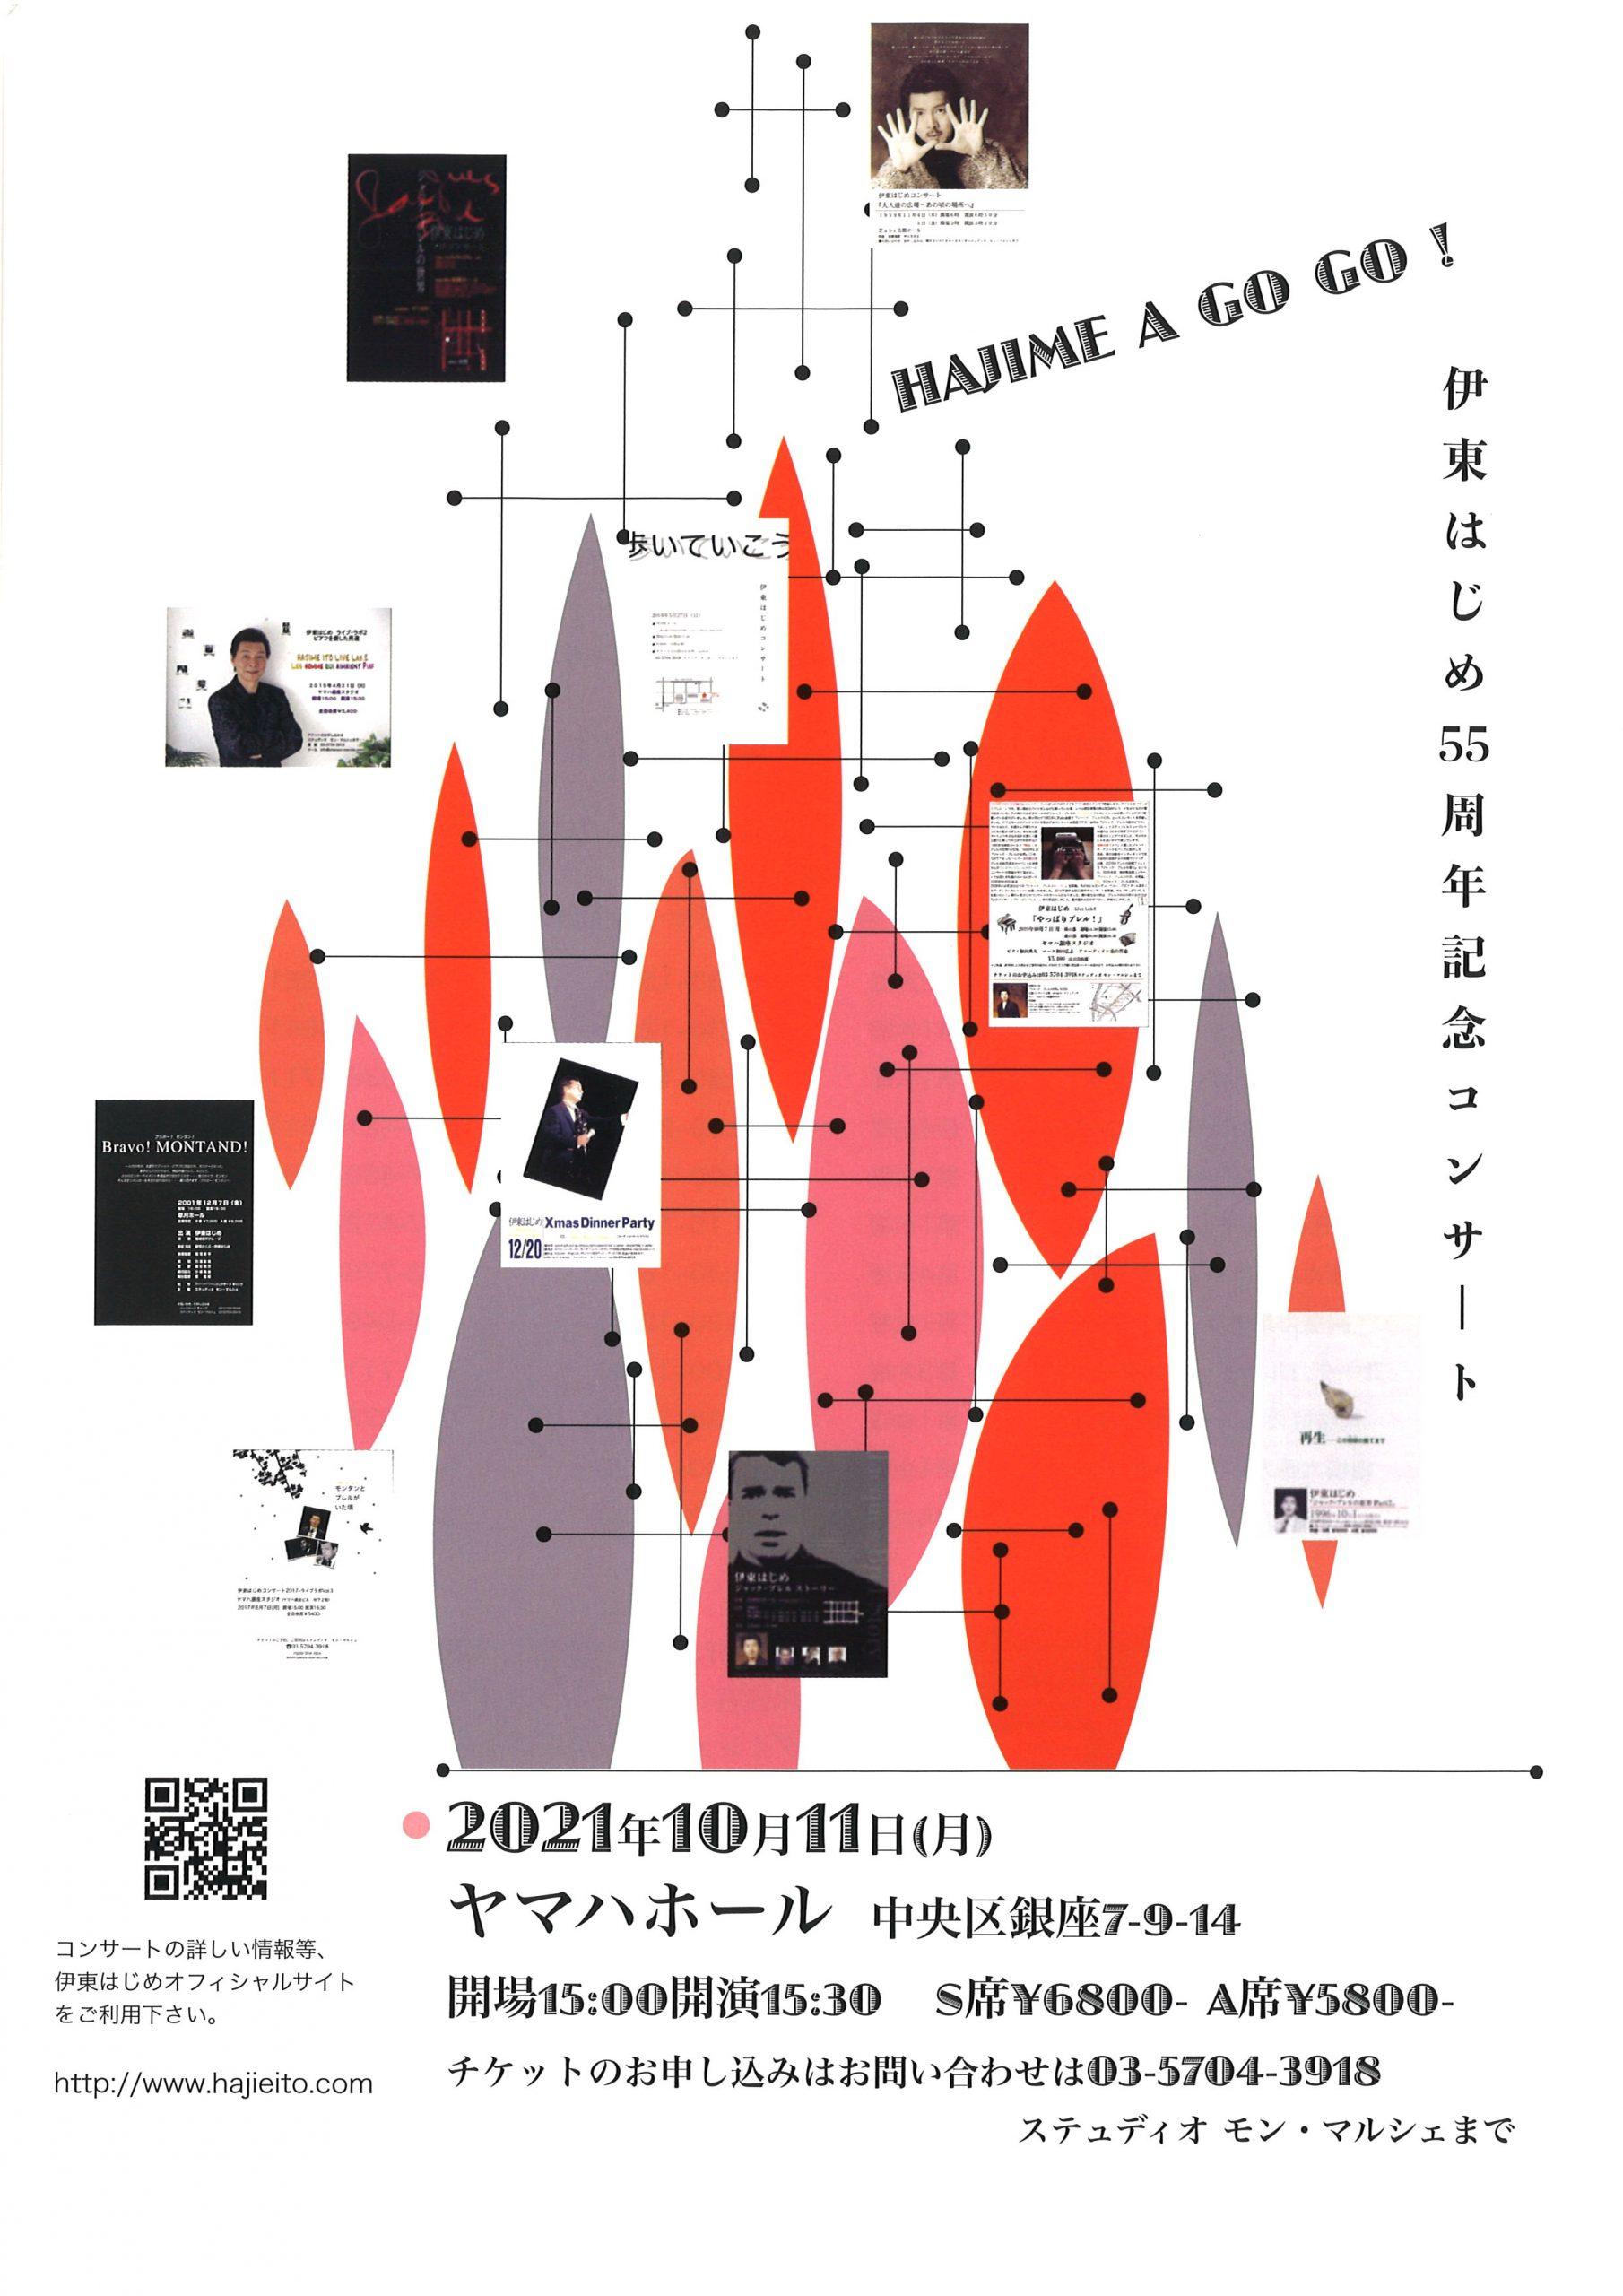 伊藤はじめ55周年コンサート.jpg